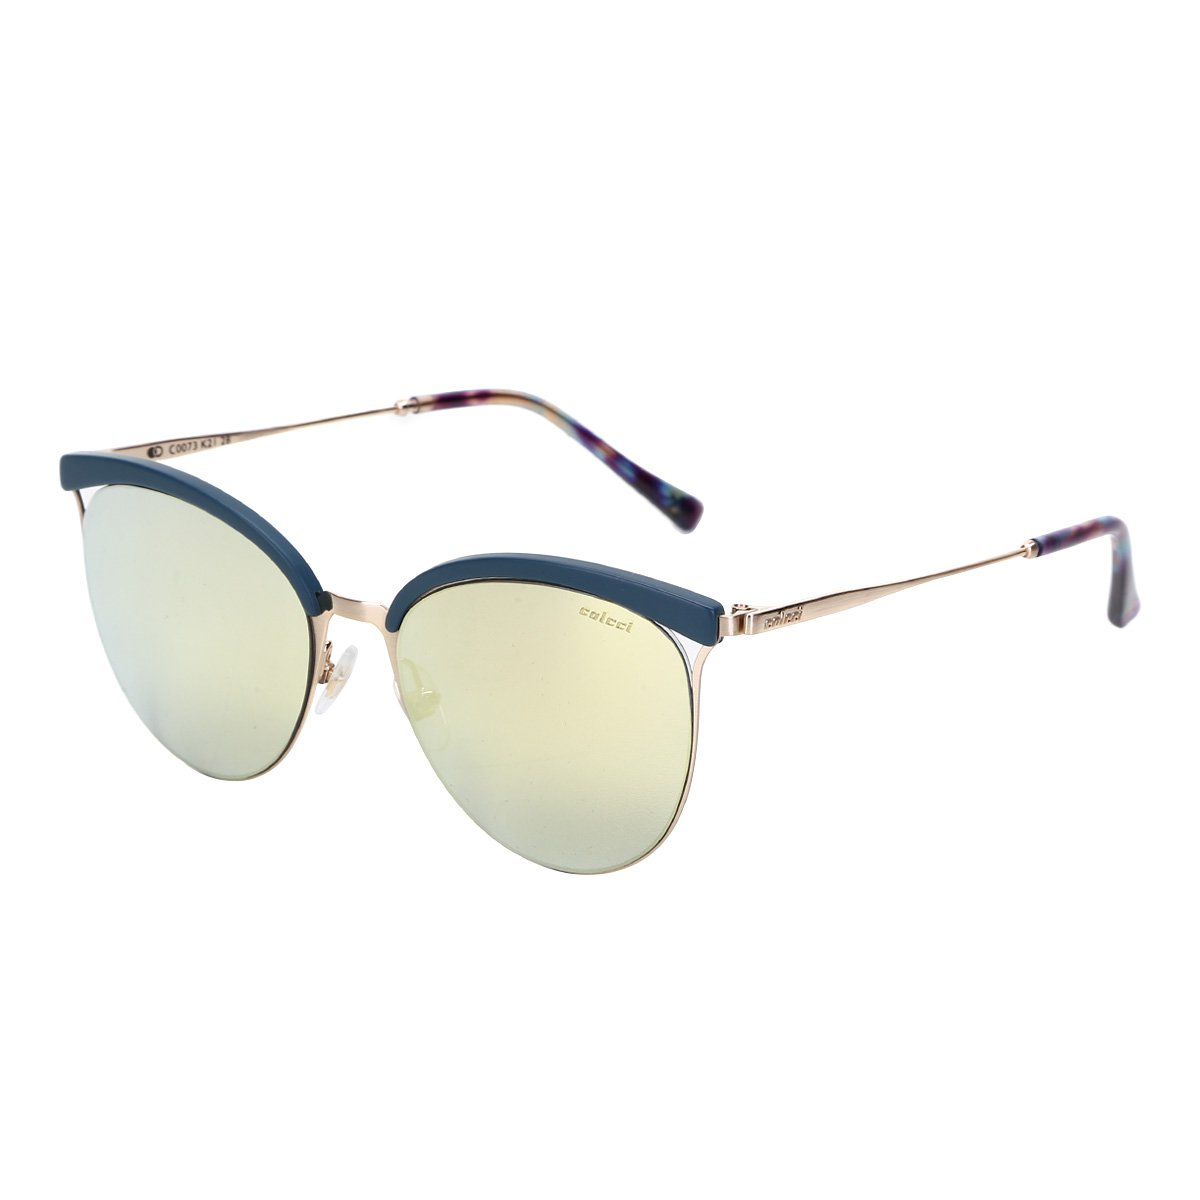 a76689b5e Óculos de Sol Colcci C0073 Feminino